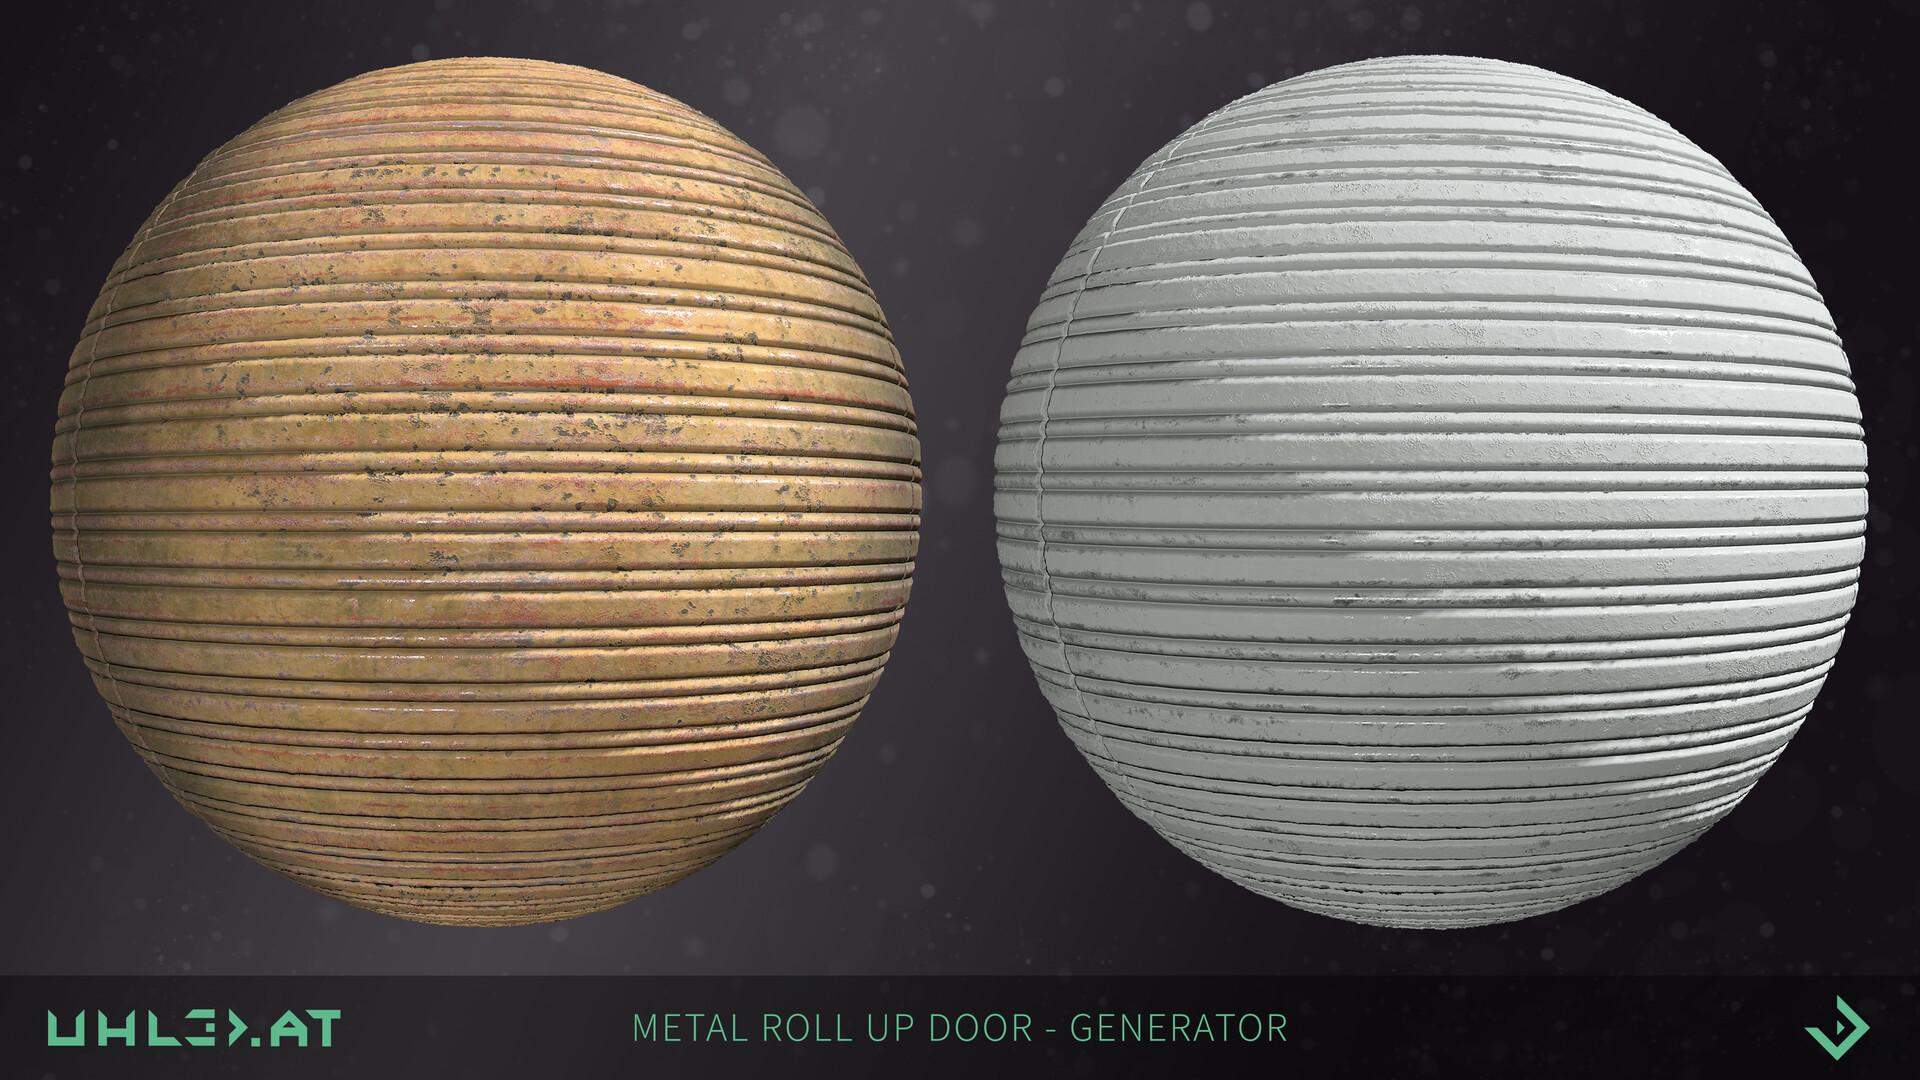 Dominik uhl metal rollup generator 05